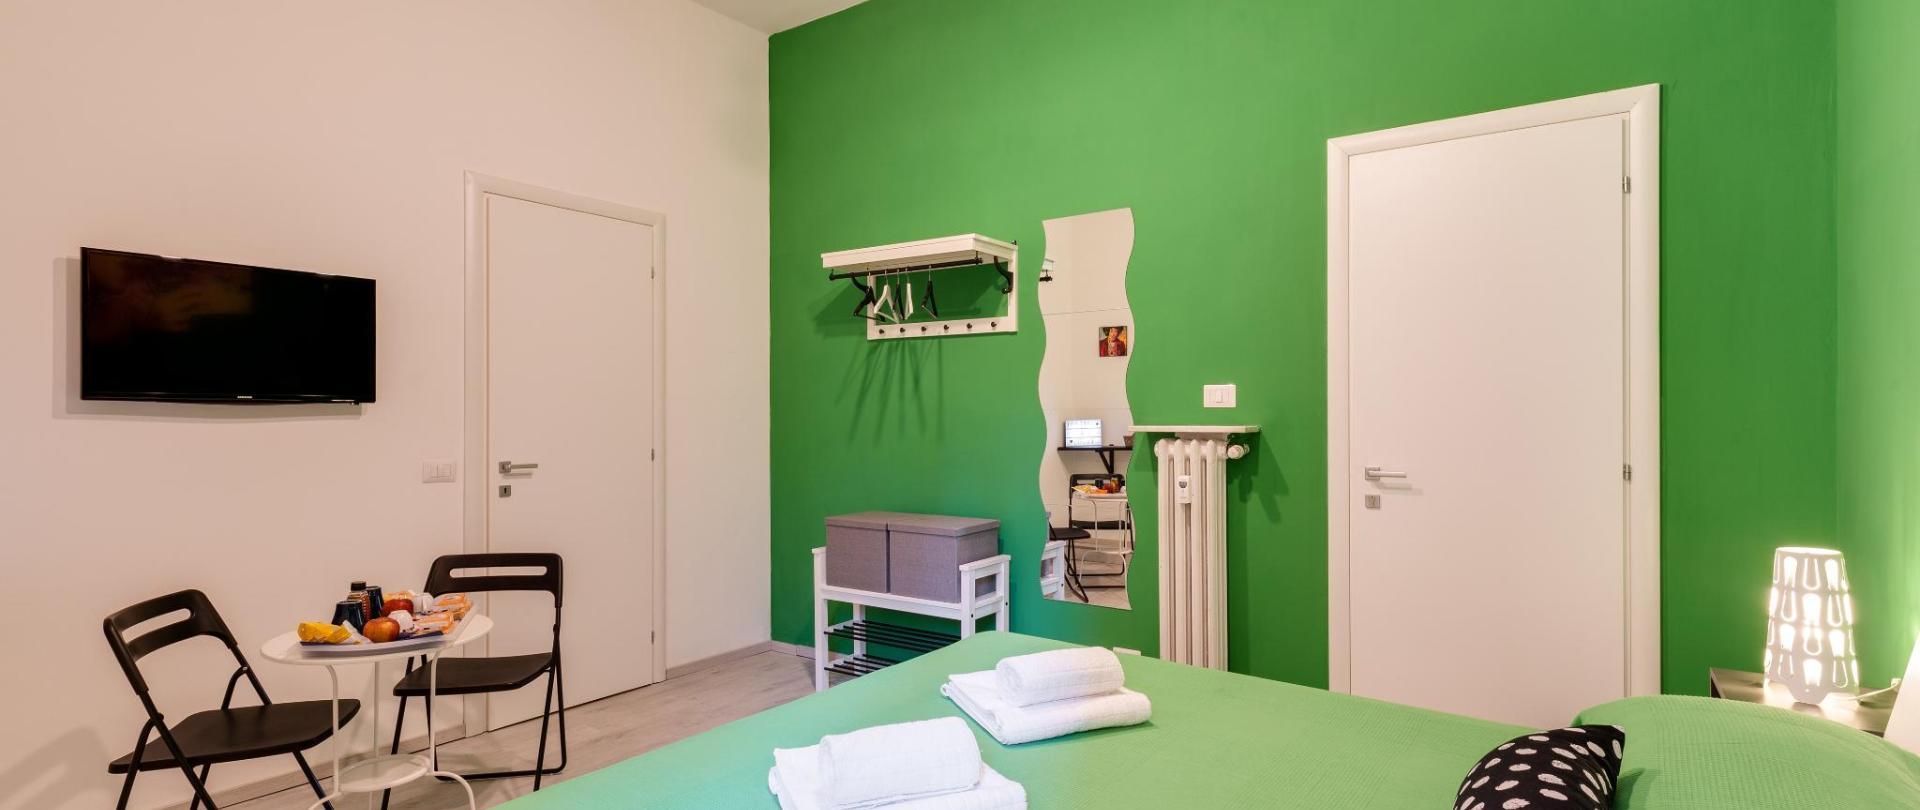 GREEN 5.jpg